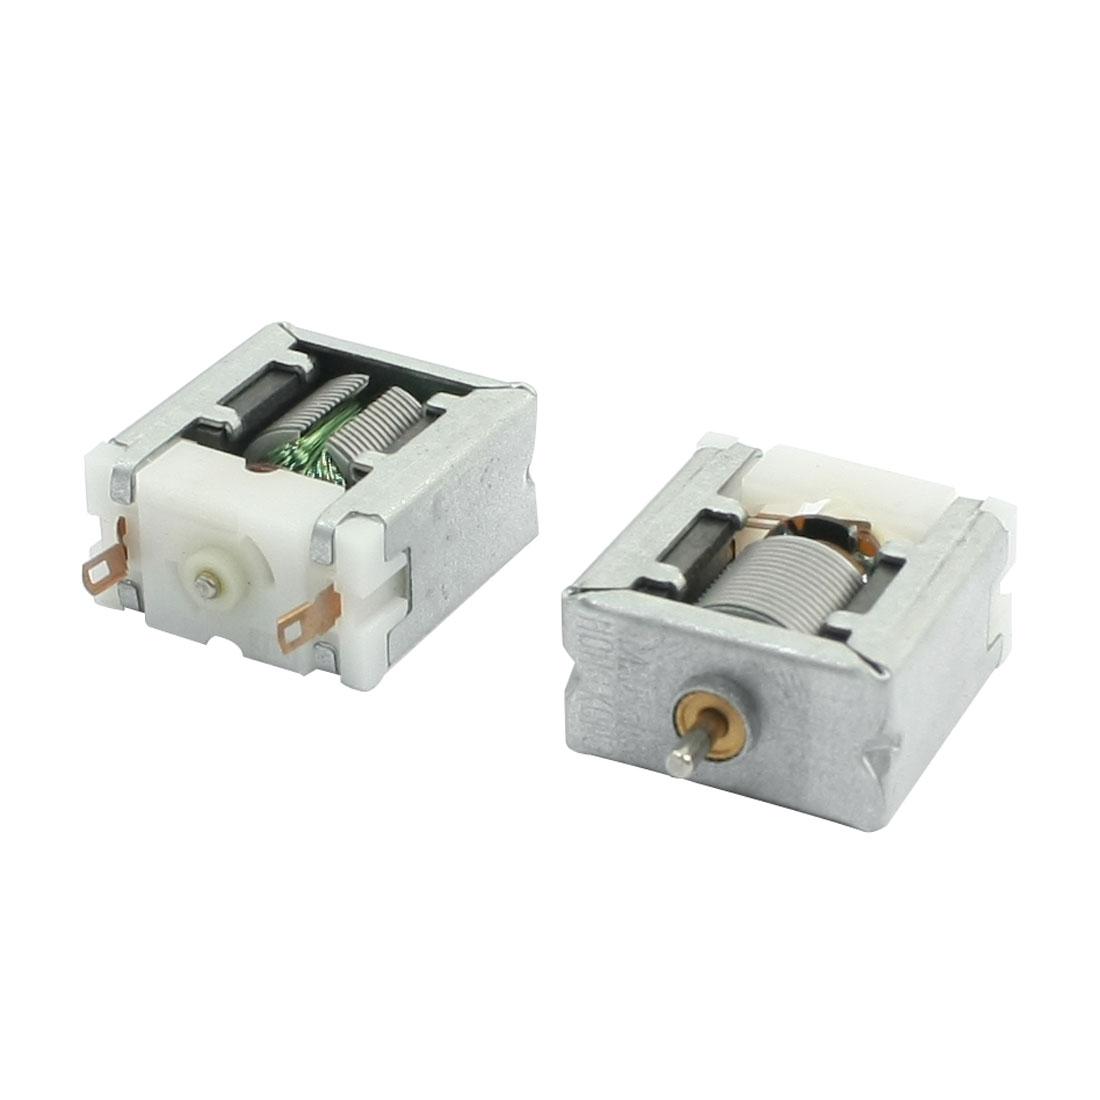 2PCS 1.5mm Shaft Dia DC3V 13500RPM Bare Magnetic Carbon Brush Micro Motor